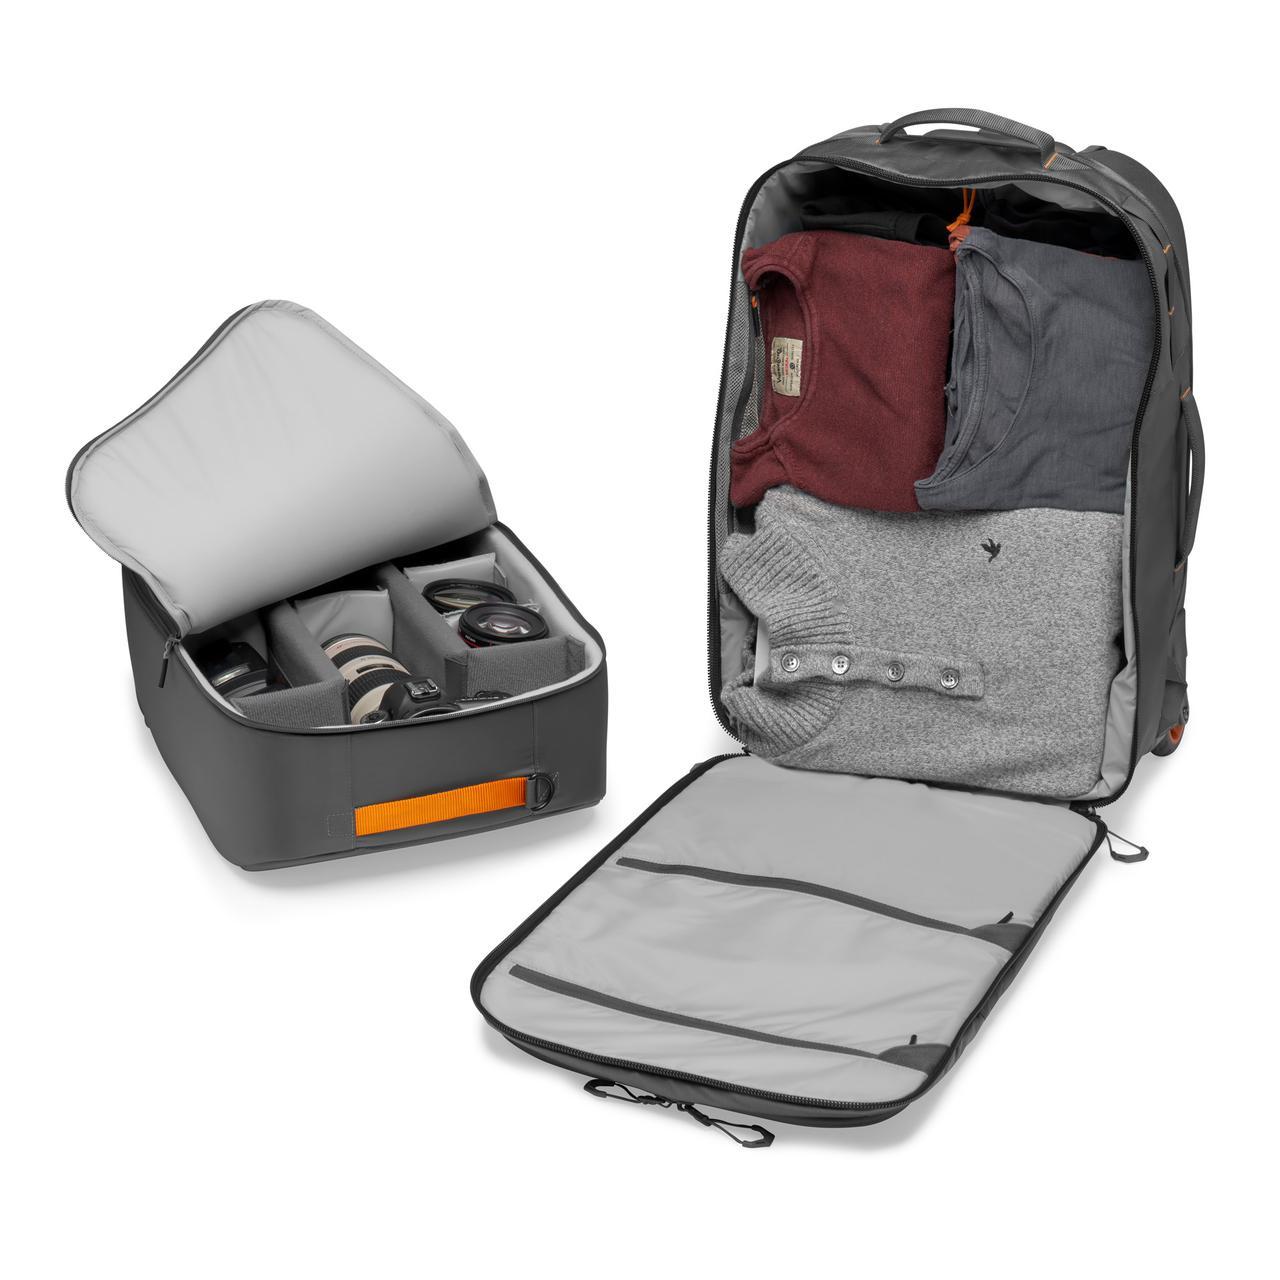 画像8: プロフォトグラファー向けバッグ。機内持ち込み可能サイズで便利!